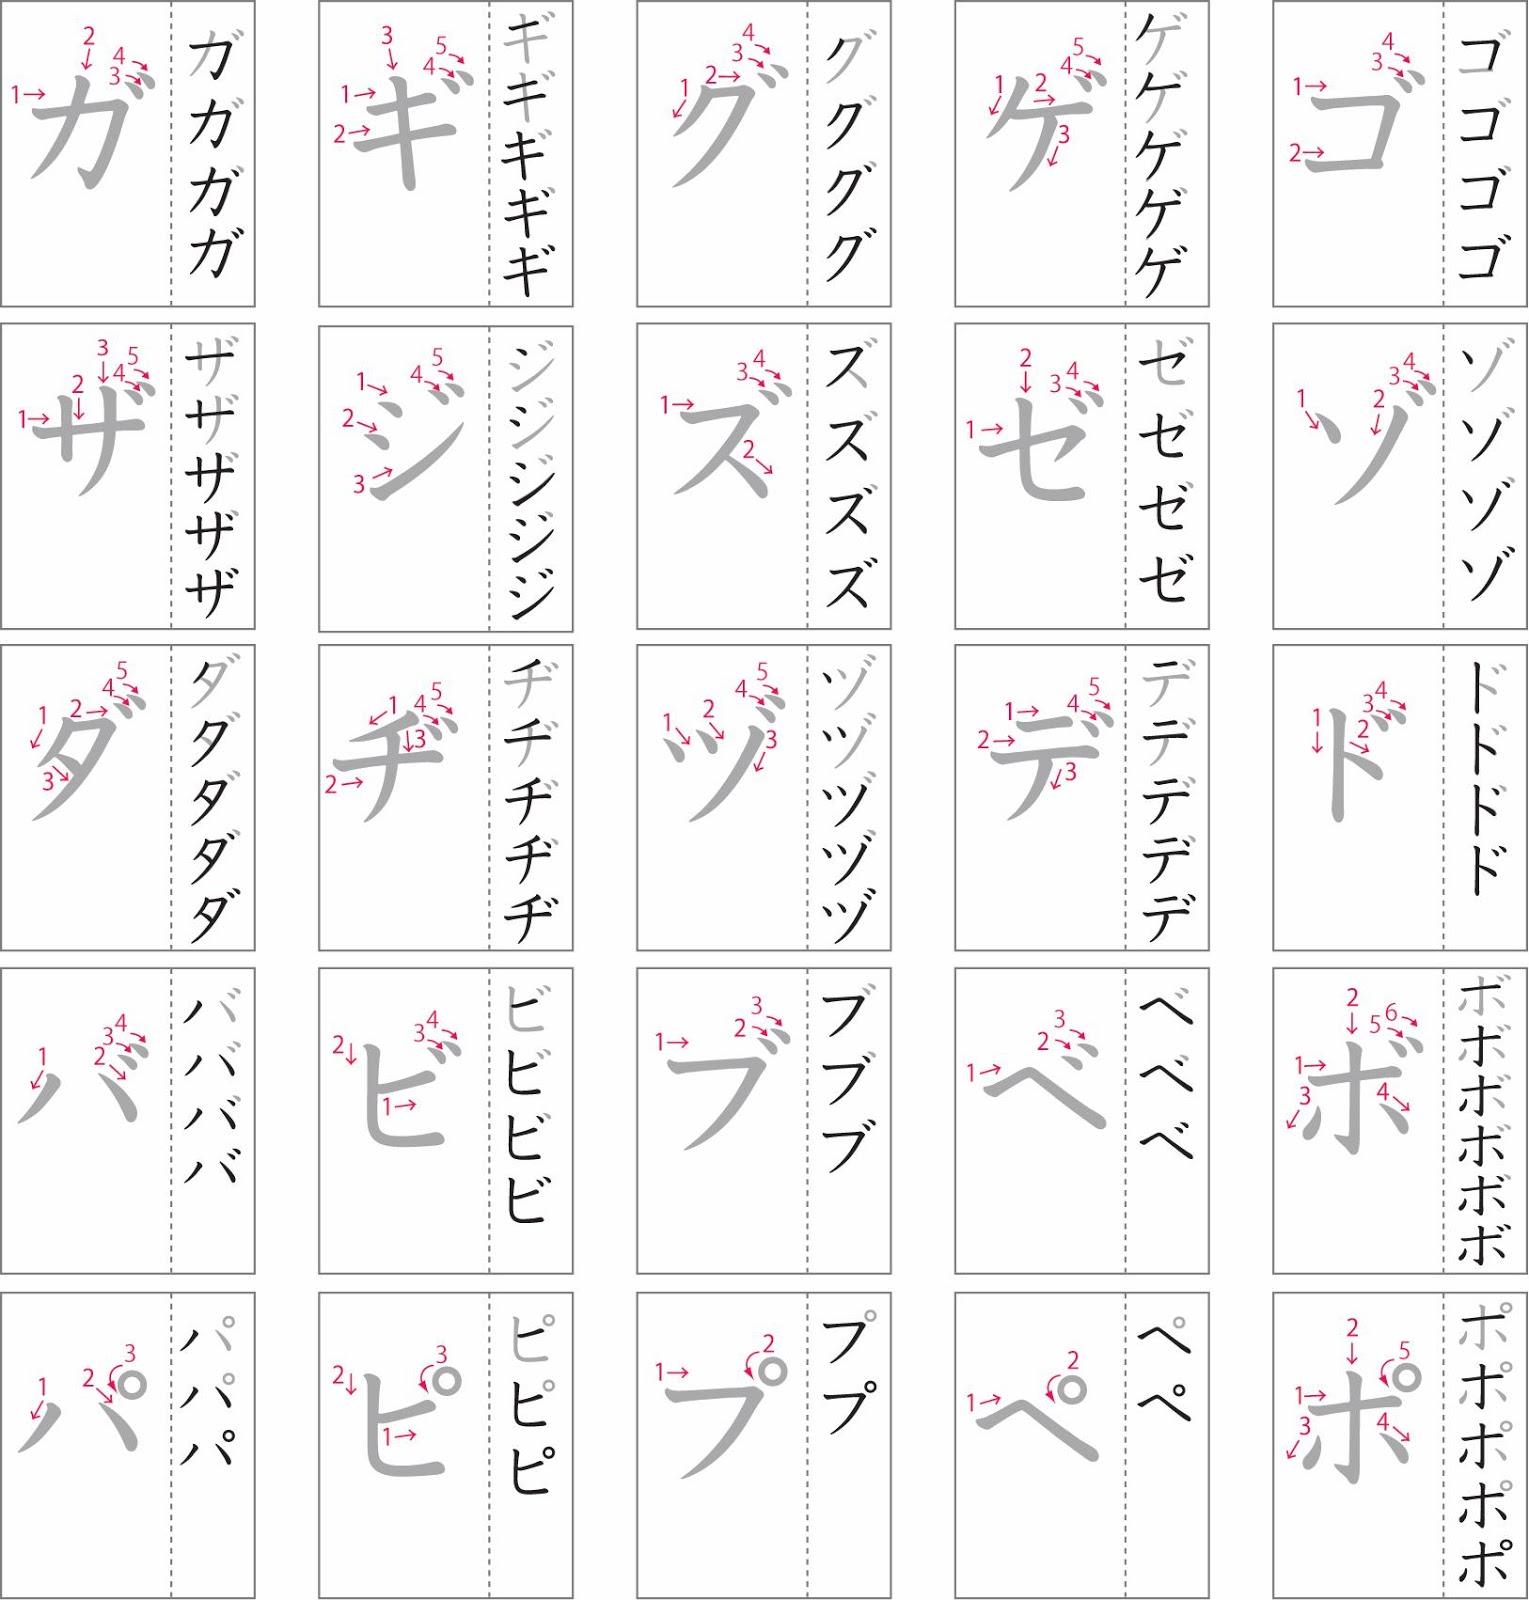 Cara Penulisan Huruf Katakana Yang Benar